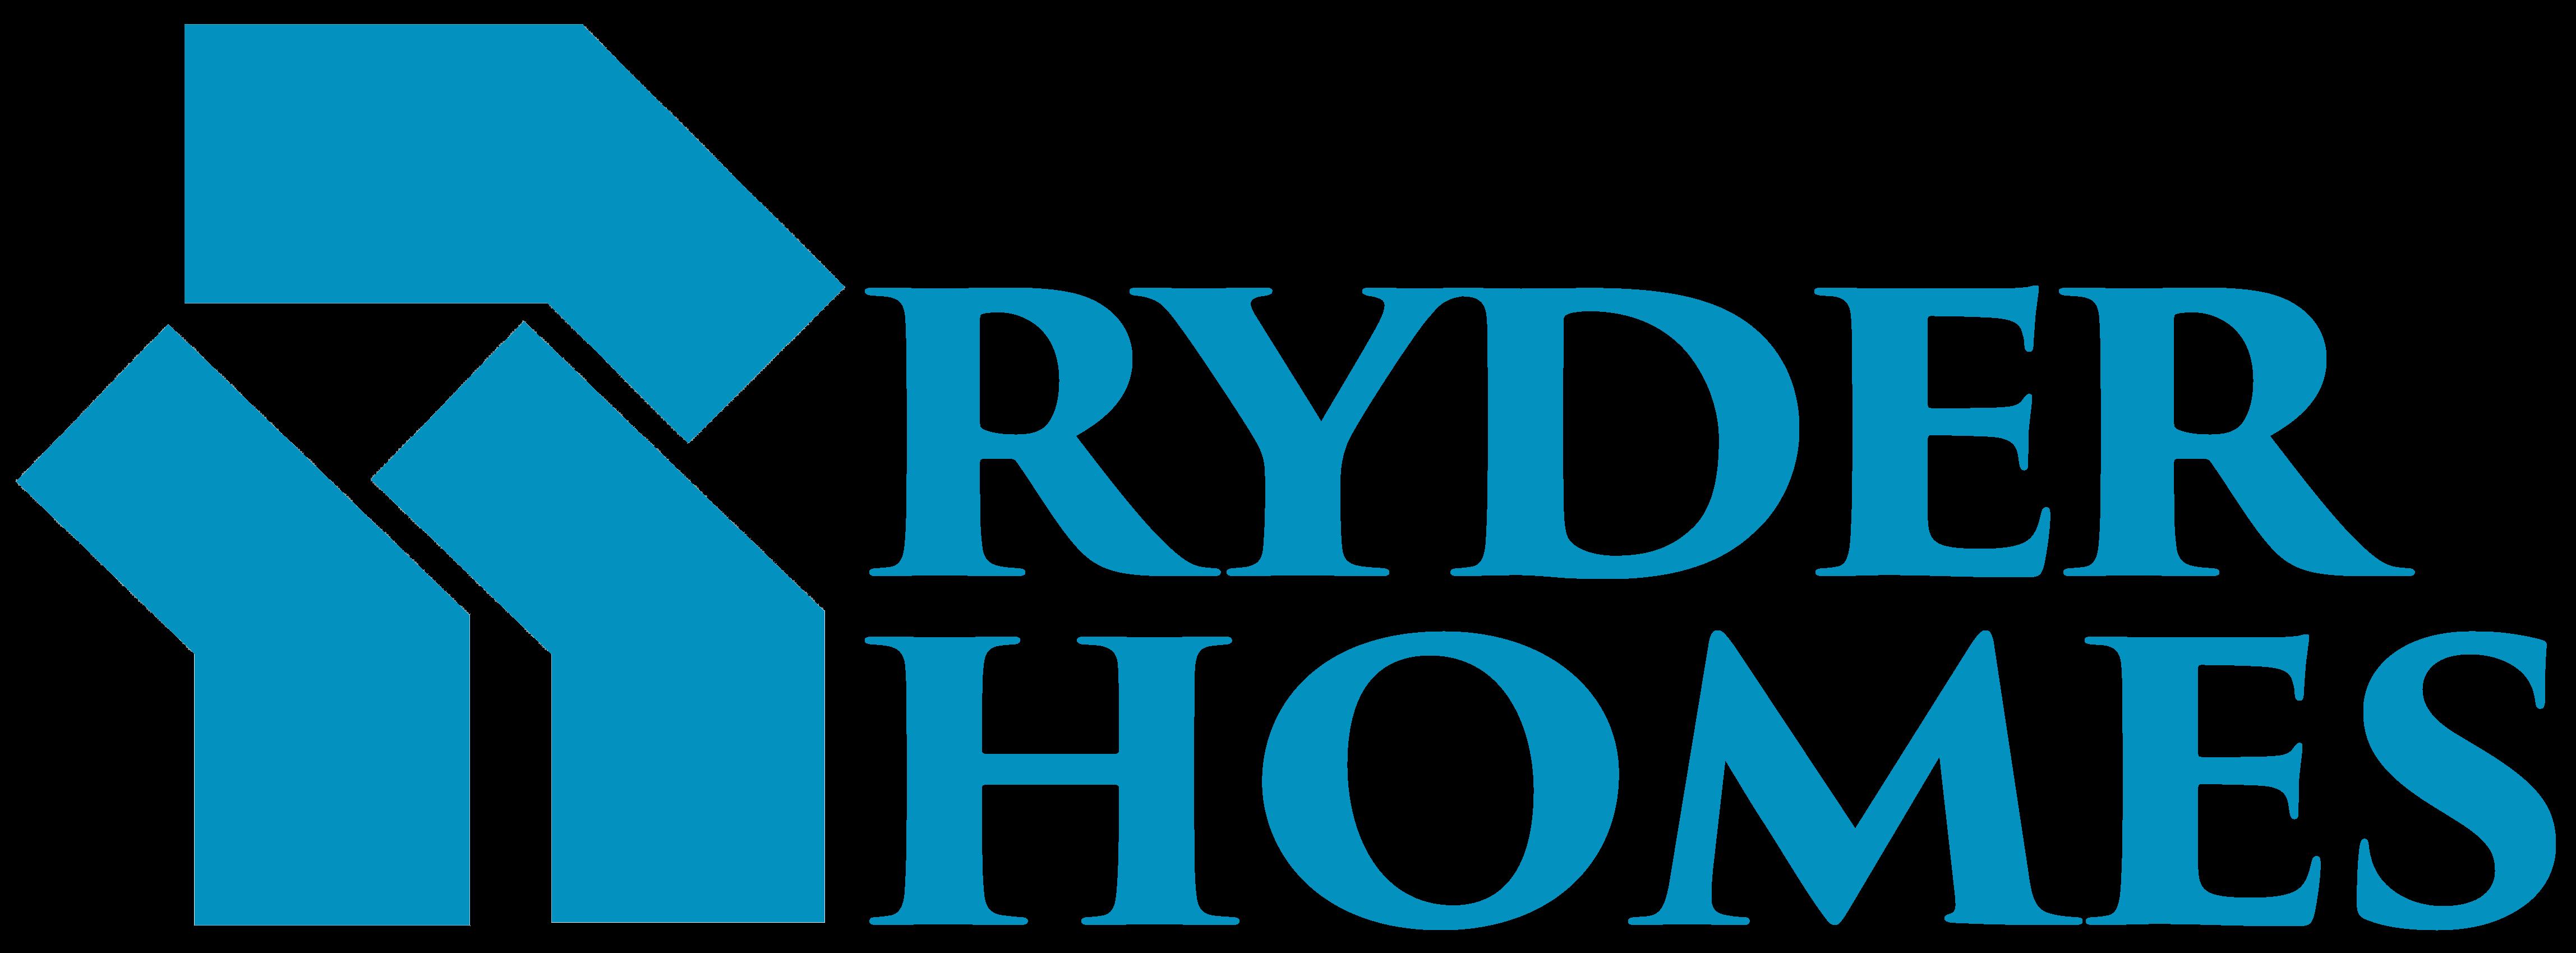 Ryder Logo_1DBFBF